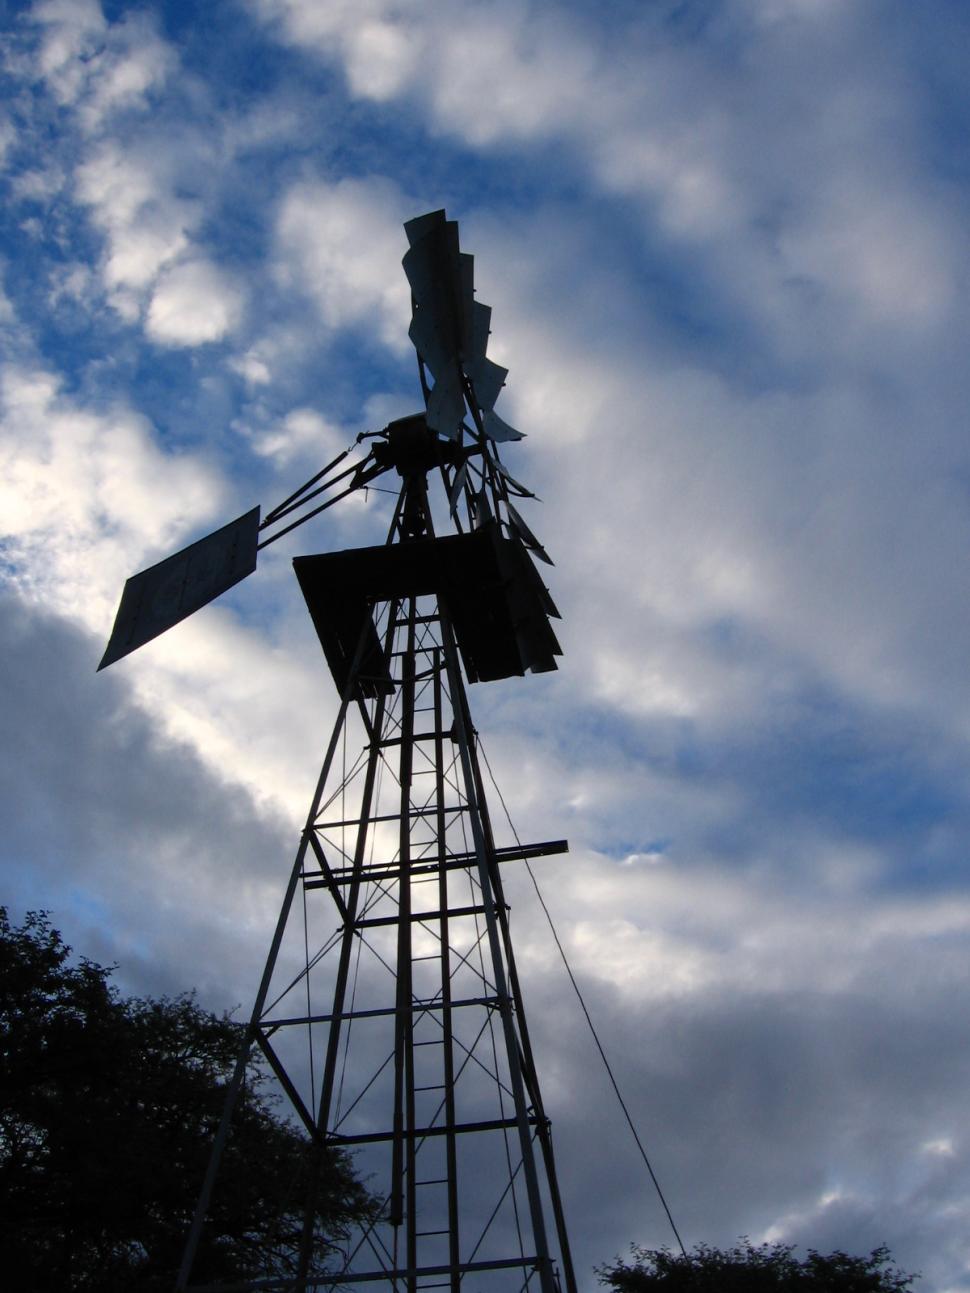 Download Free Stock HD Photo of Windpump Online